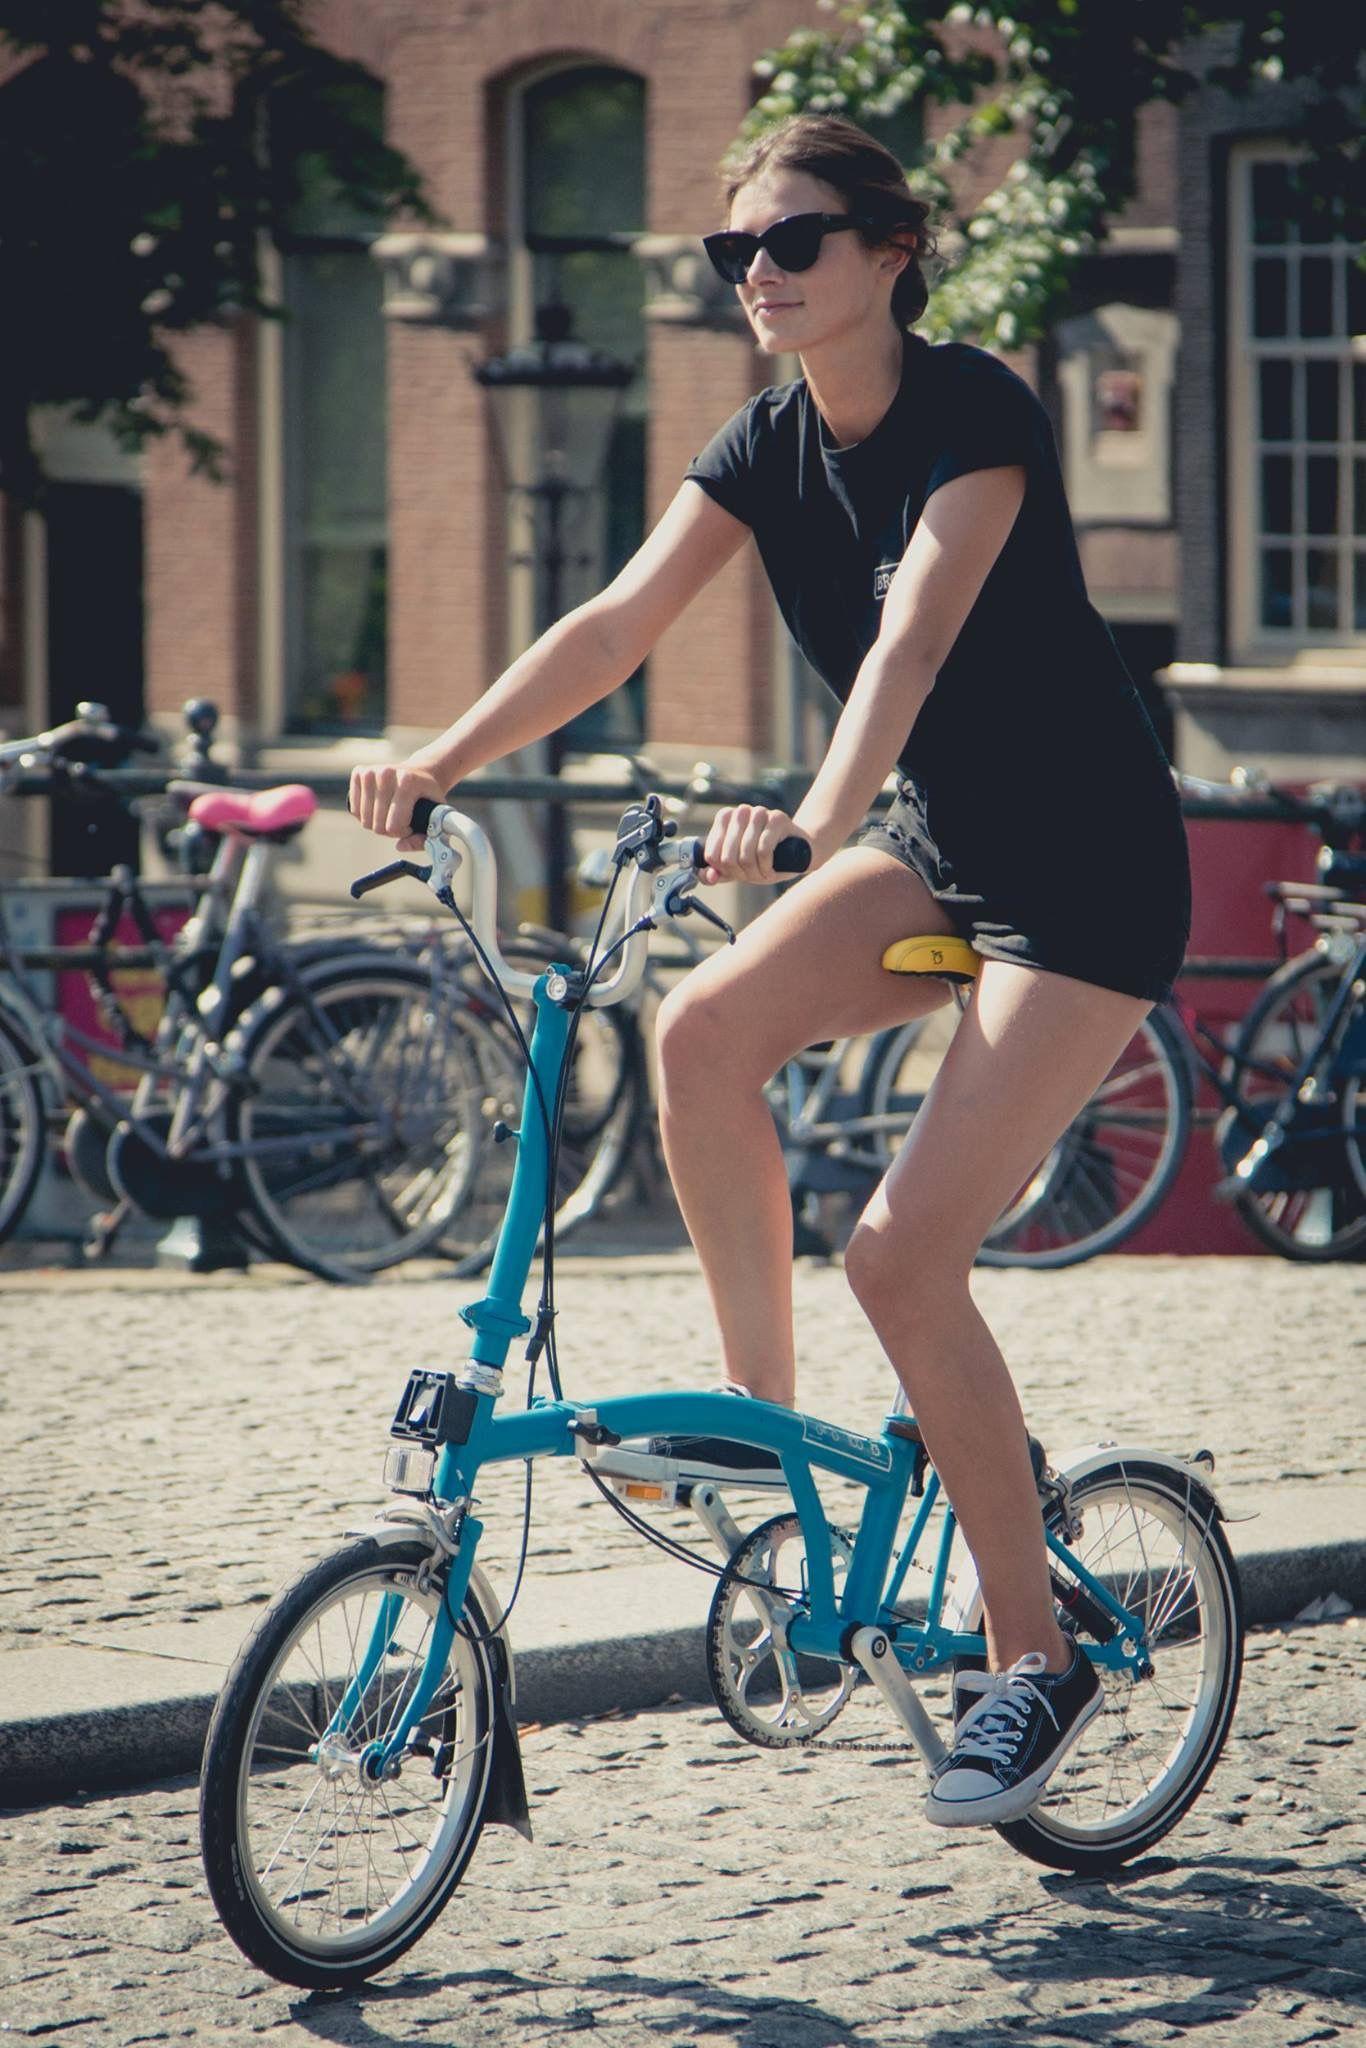 Pin By Ole Darmojo On Brompton Art Urban Bike Style Urban Bike